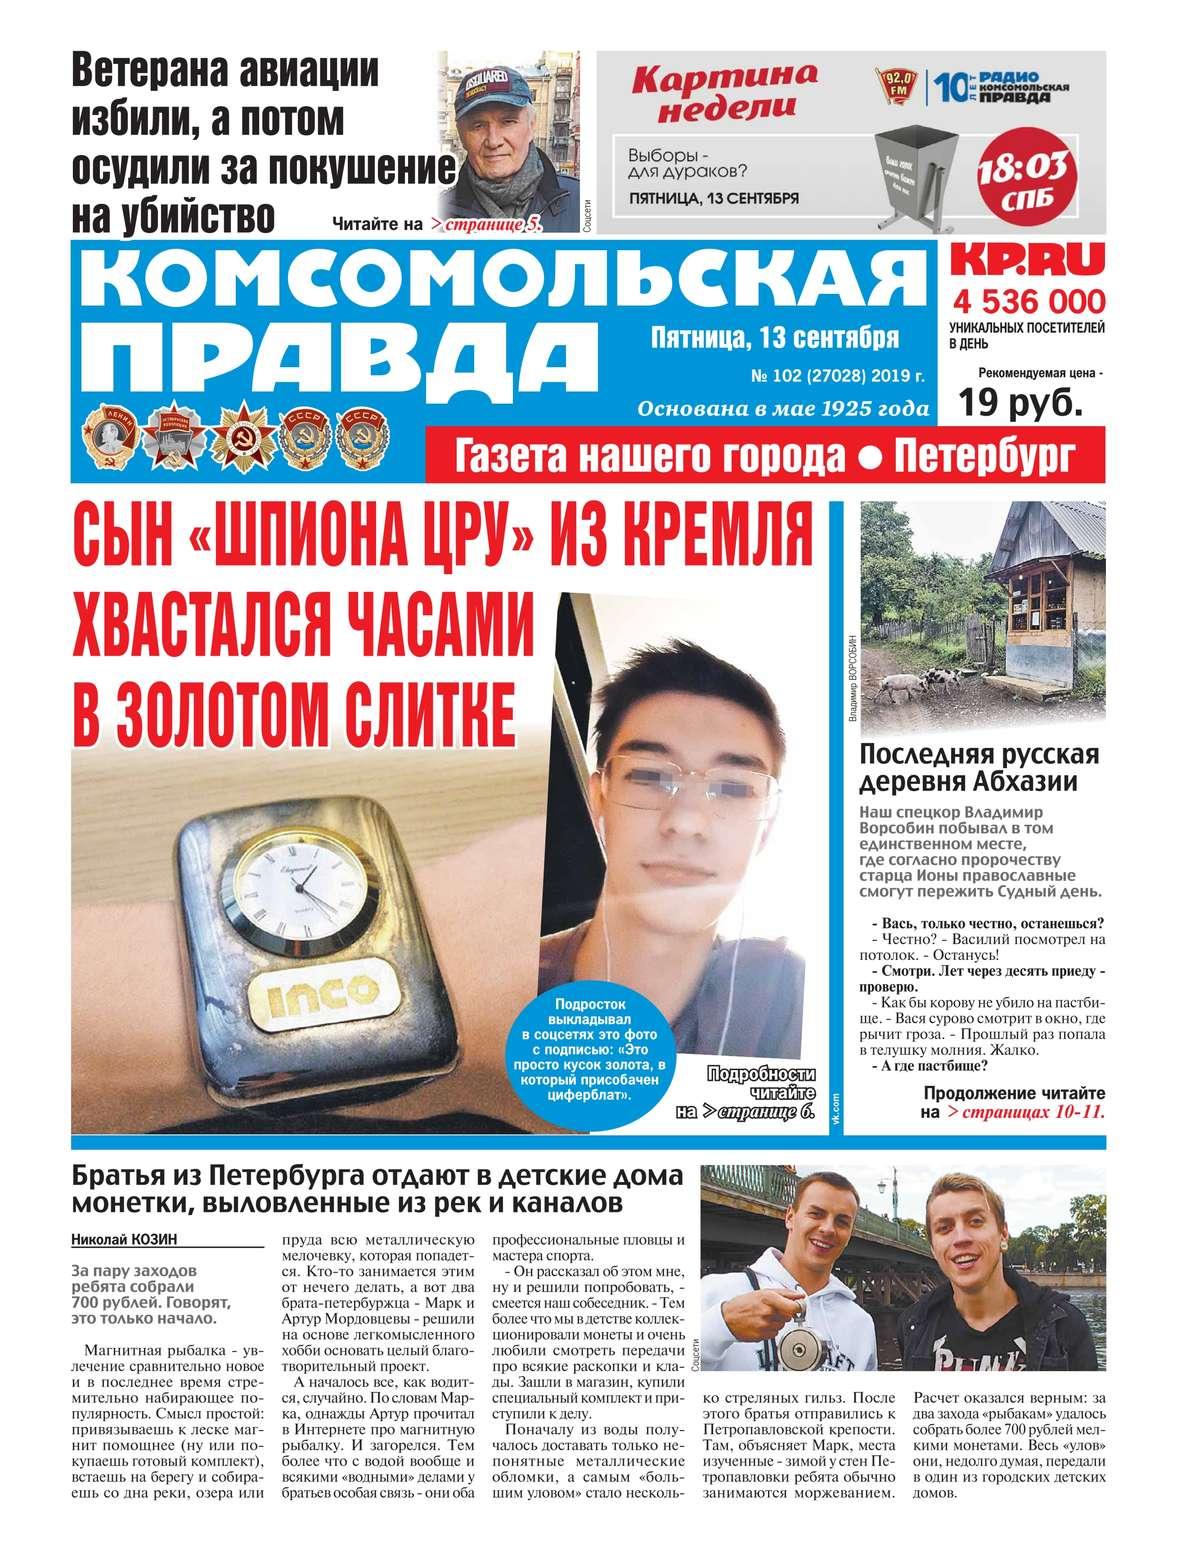 Комсомольская Правда. Санкт-Петербург 102-2019